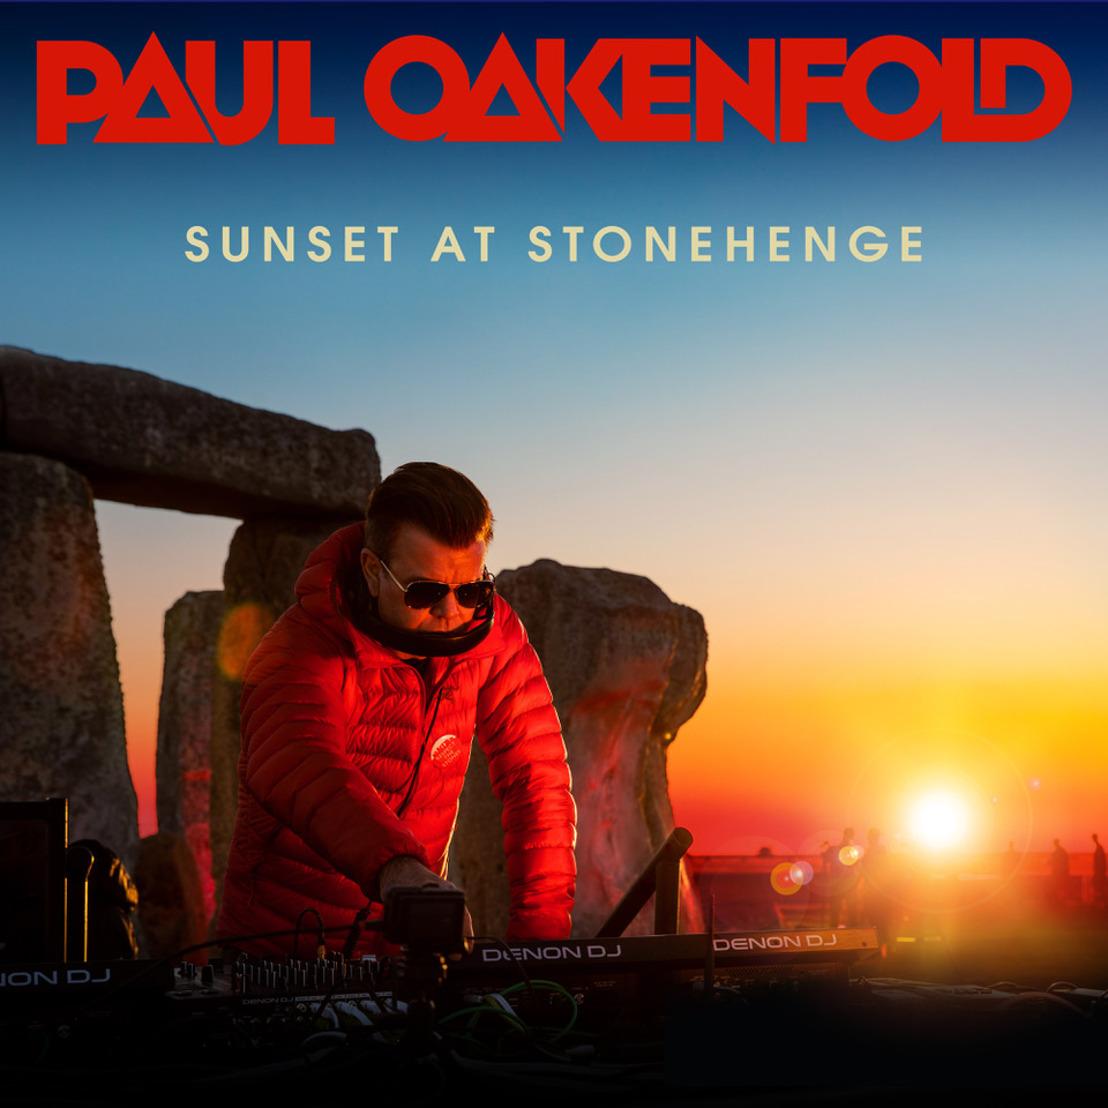 Paul Oakenfold Releases Sunset at Stonehenge Album